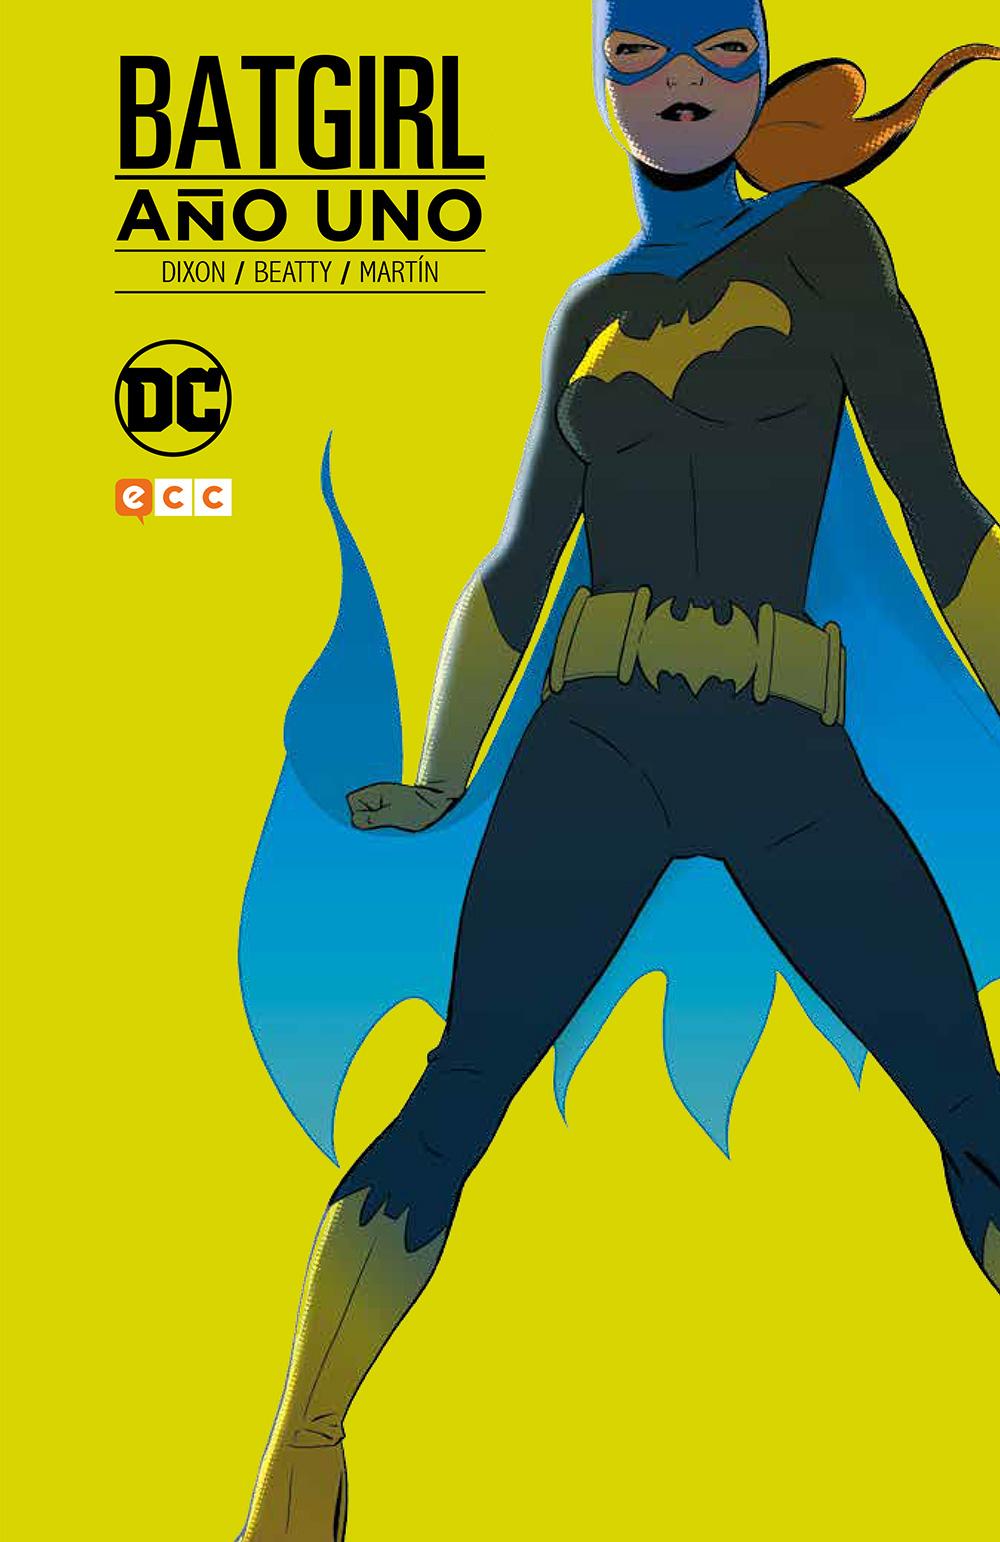 Batgirl PNG Free Download PNG, SVG Clip art for Web